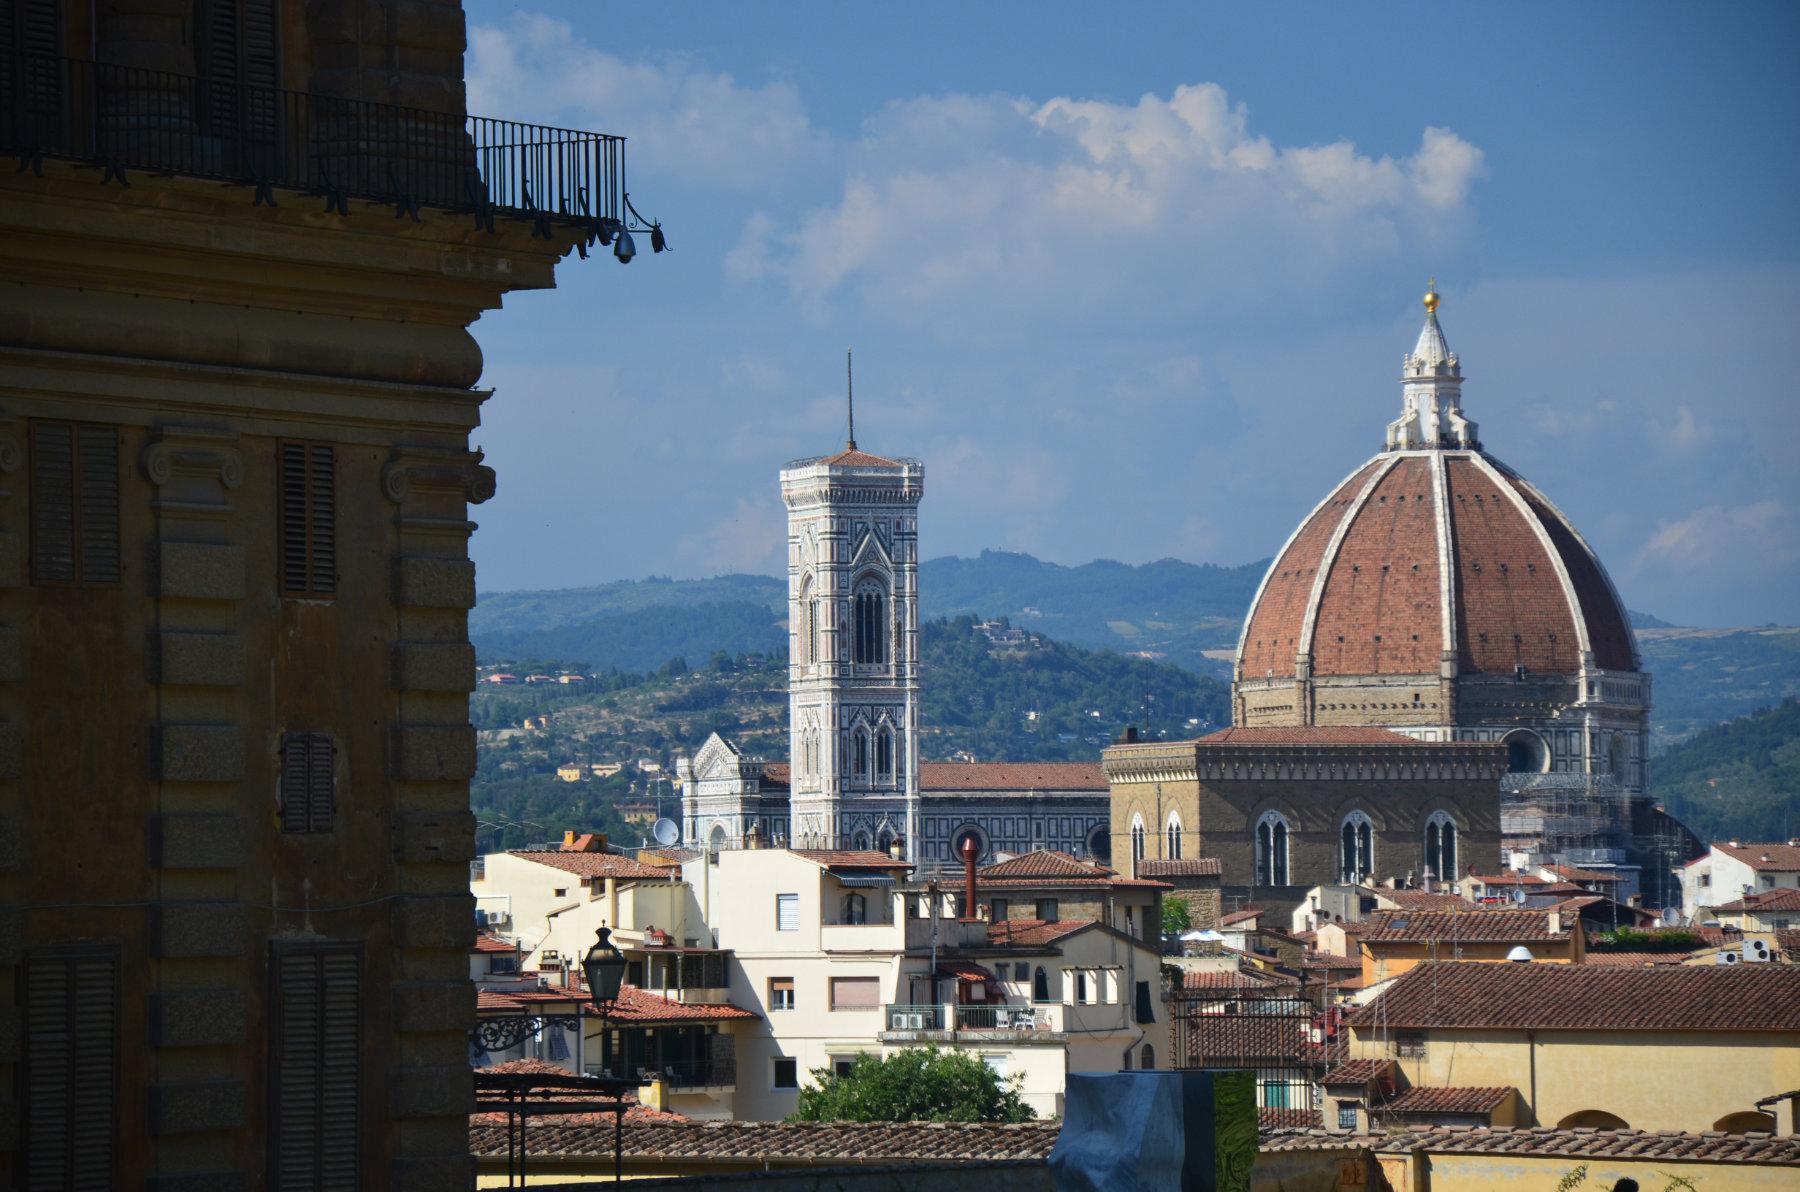 Il Duomo Firenze